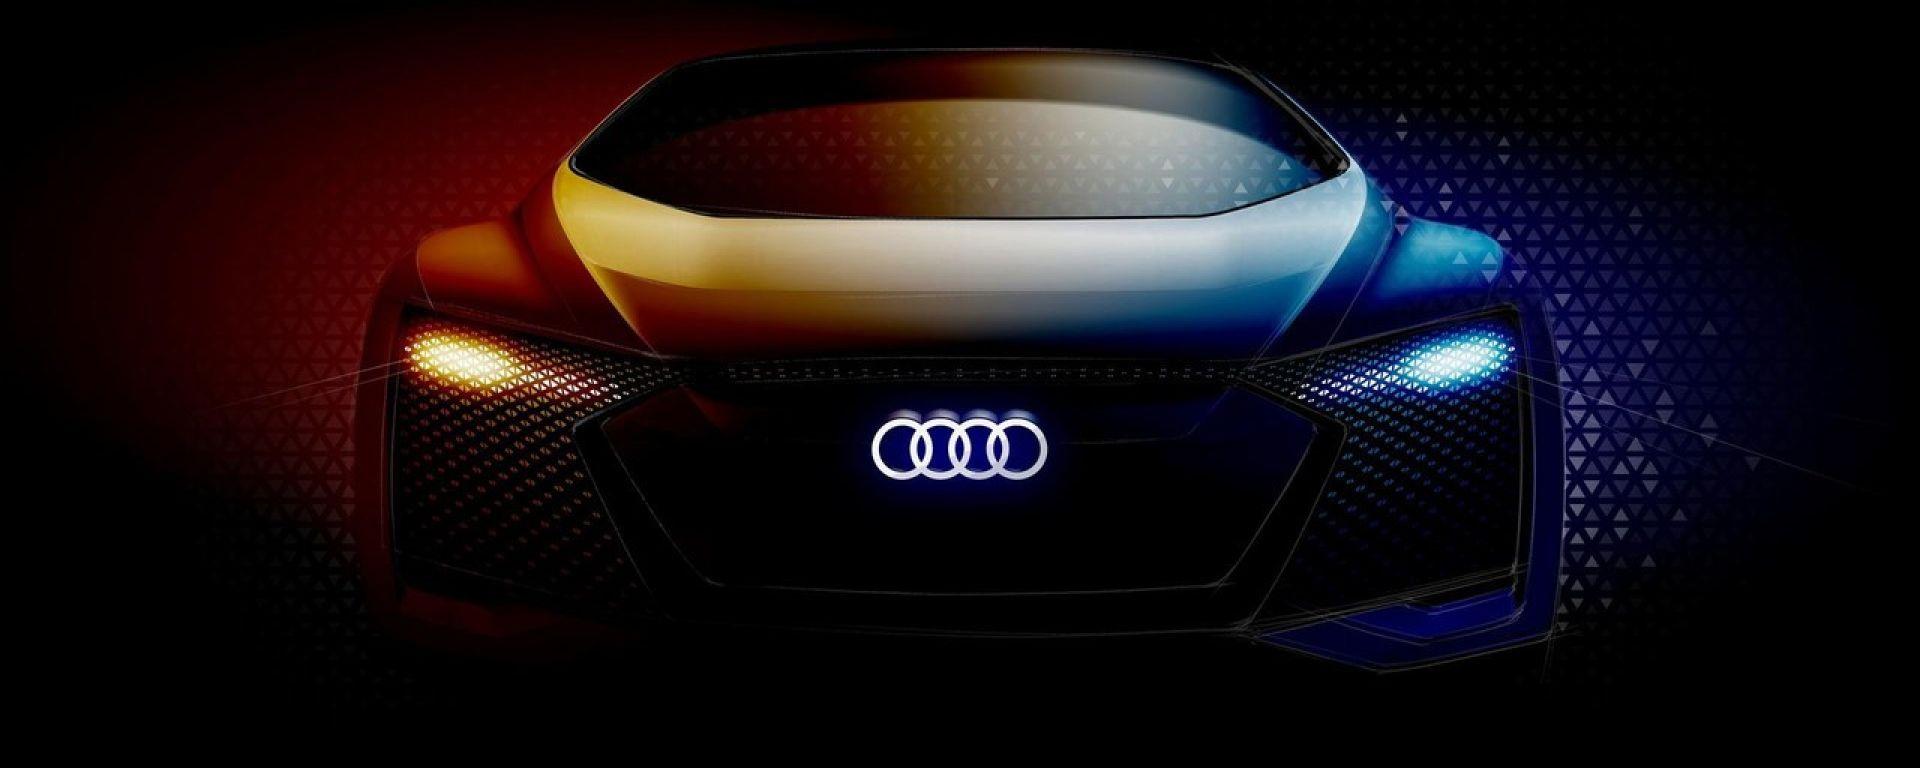 Audi E-Tron Concept: il teaser dell'elettrica a guida autonoma